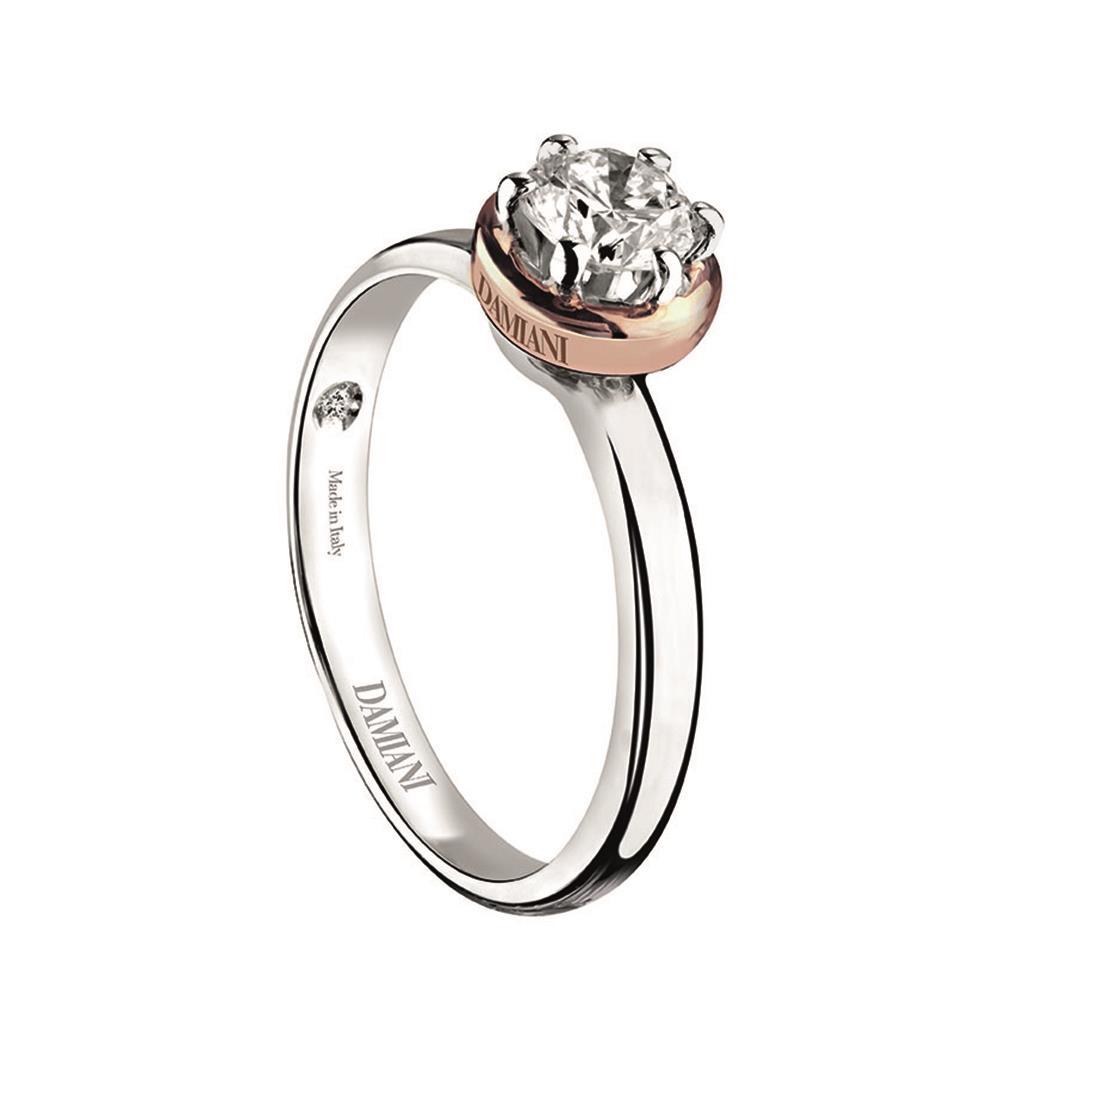 Anello in oro bianco con diamante ct. 0,16 - DAMIANI